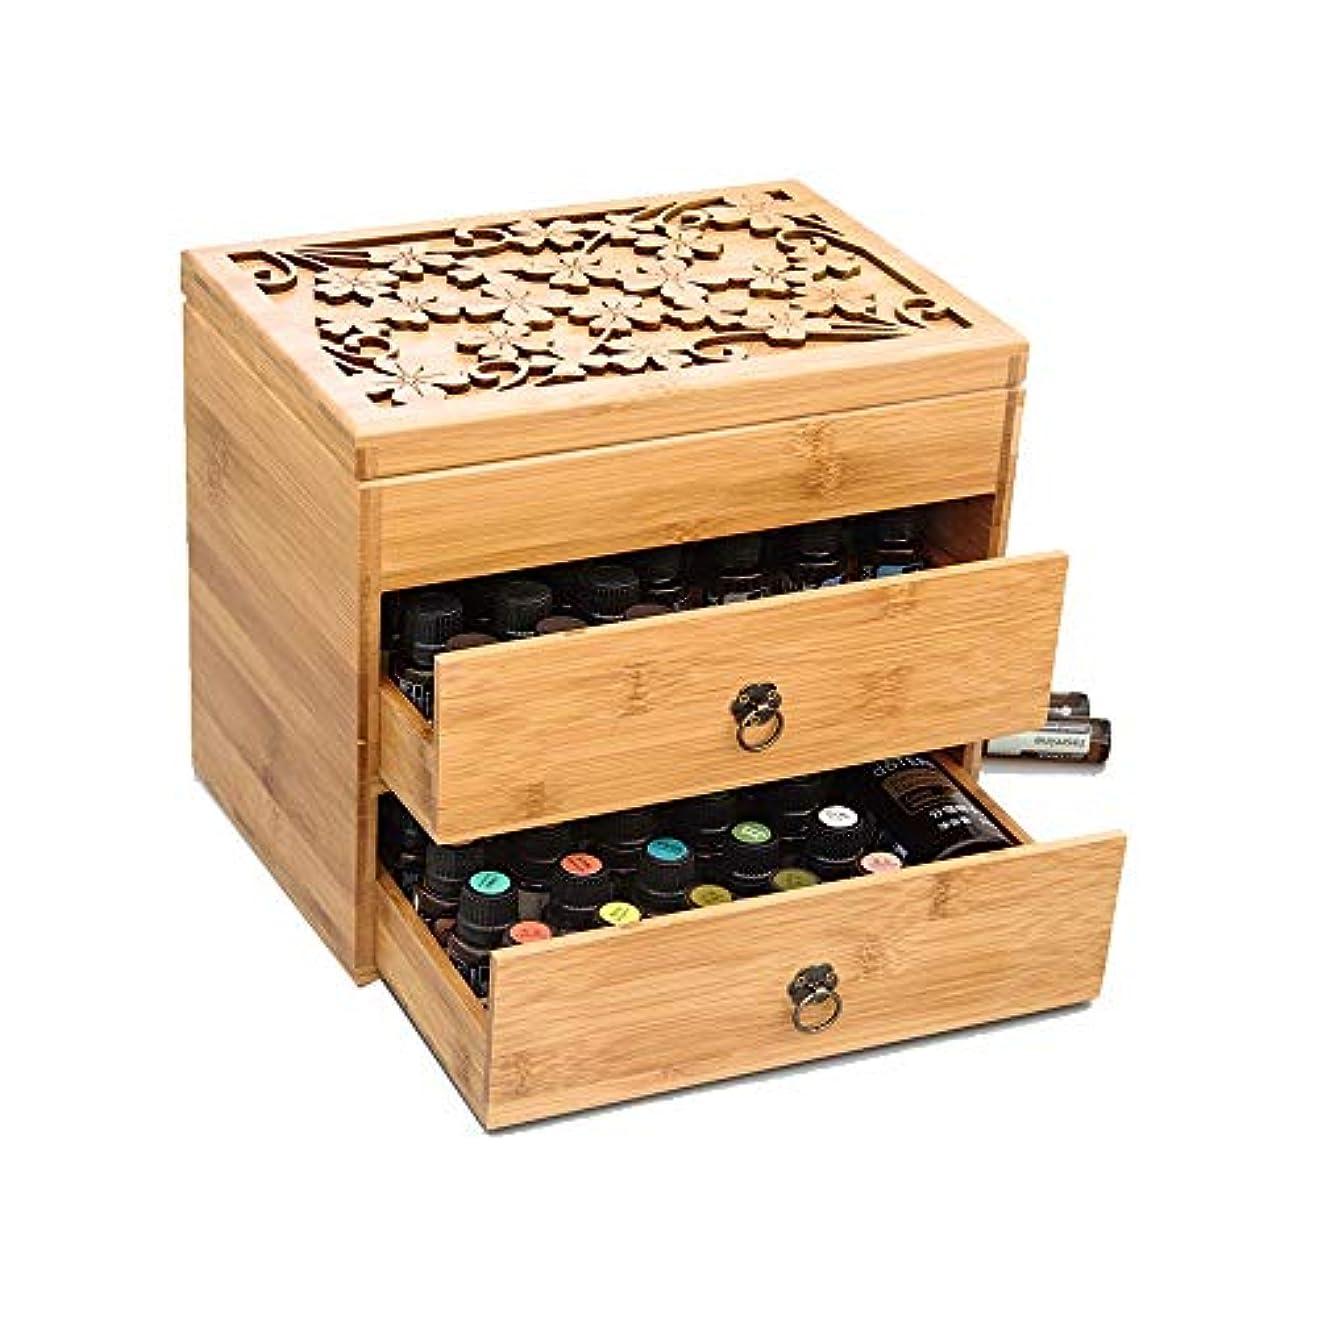 デイジーところで疎外精油ケース 3ティアエッセンシャルオイルボックスケースは、エレガントな装飾的なデザインでは5、10&15ミリリットルボトル木製収納を保護します 携帯便利 (色 : Natural, サイズ : 26X18X24.5CM)